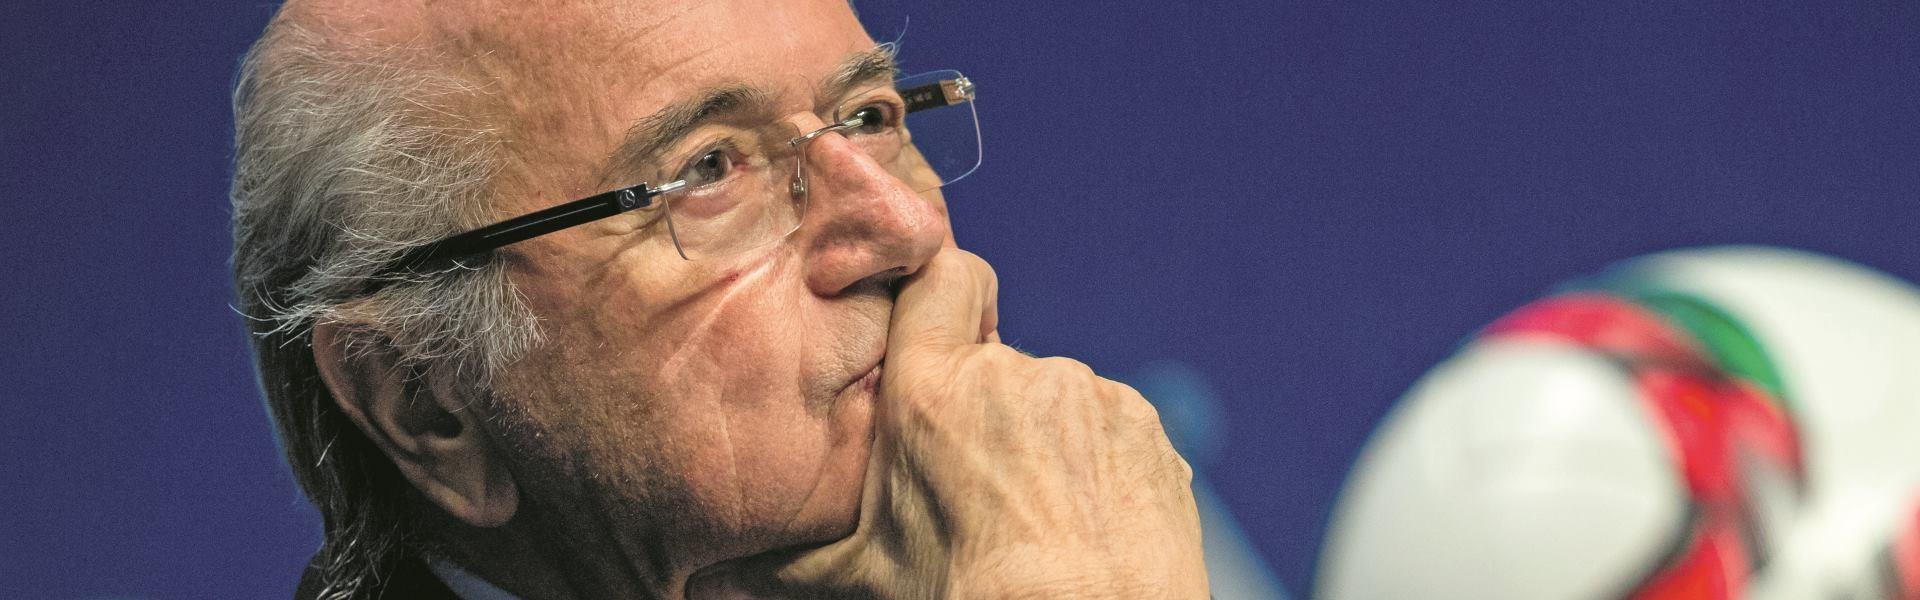 NOGOMETNI RAT Amerikanci protiv SP-a u Rusiji, Blatter ih ignorira